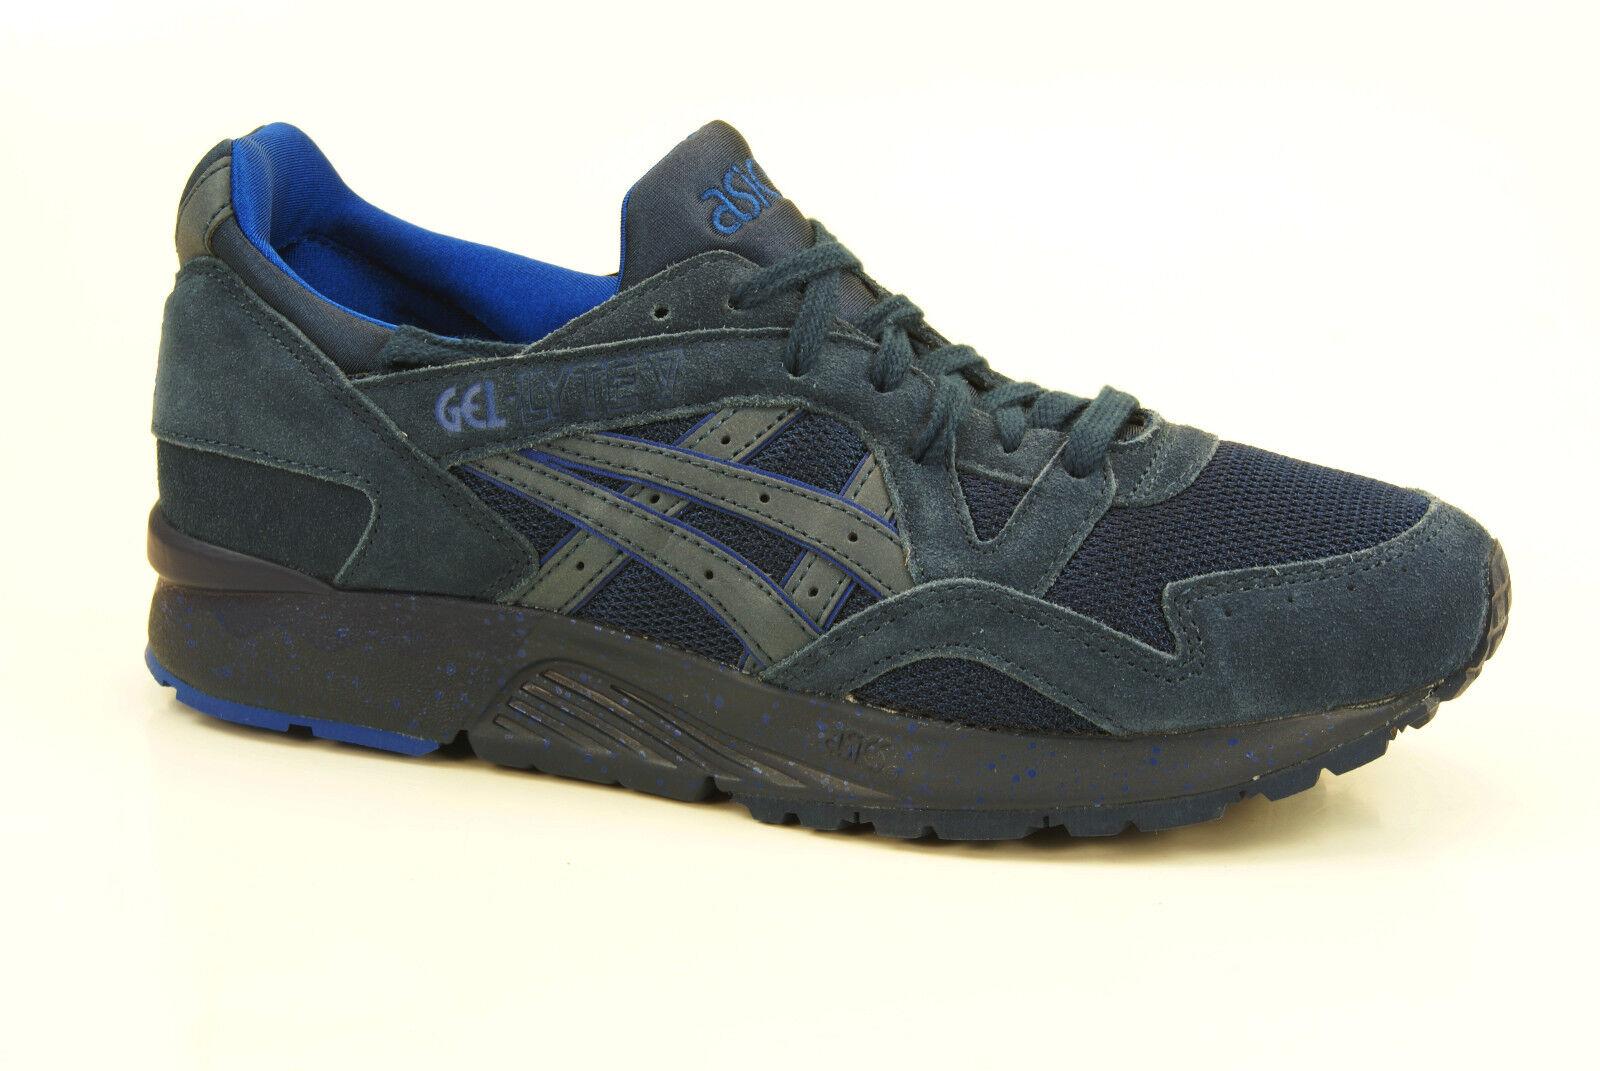 Asics gel-Lyte V 5 zapatillas de deporte calzado deportivo Zapatillas zapatos caballero h5r2n-5050